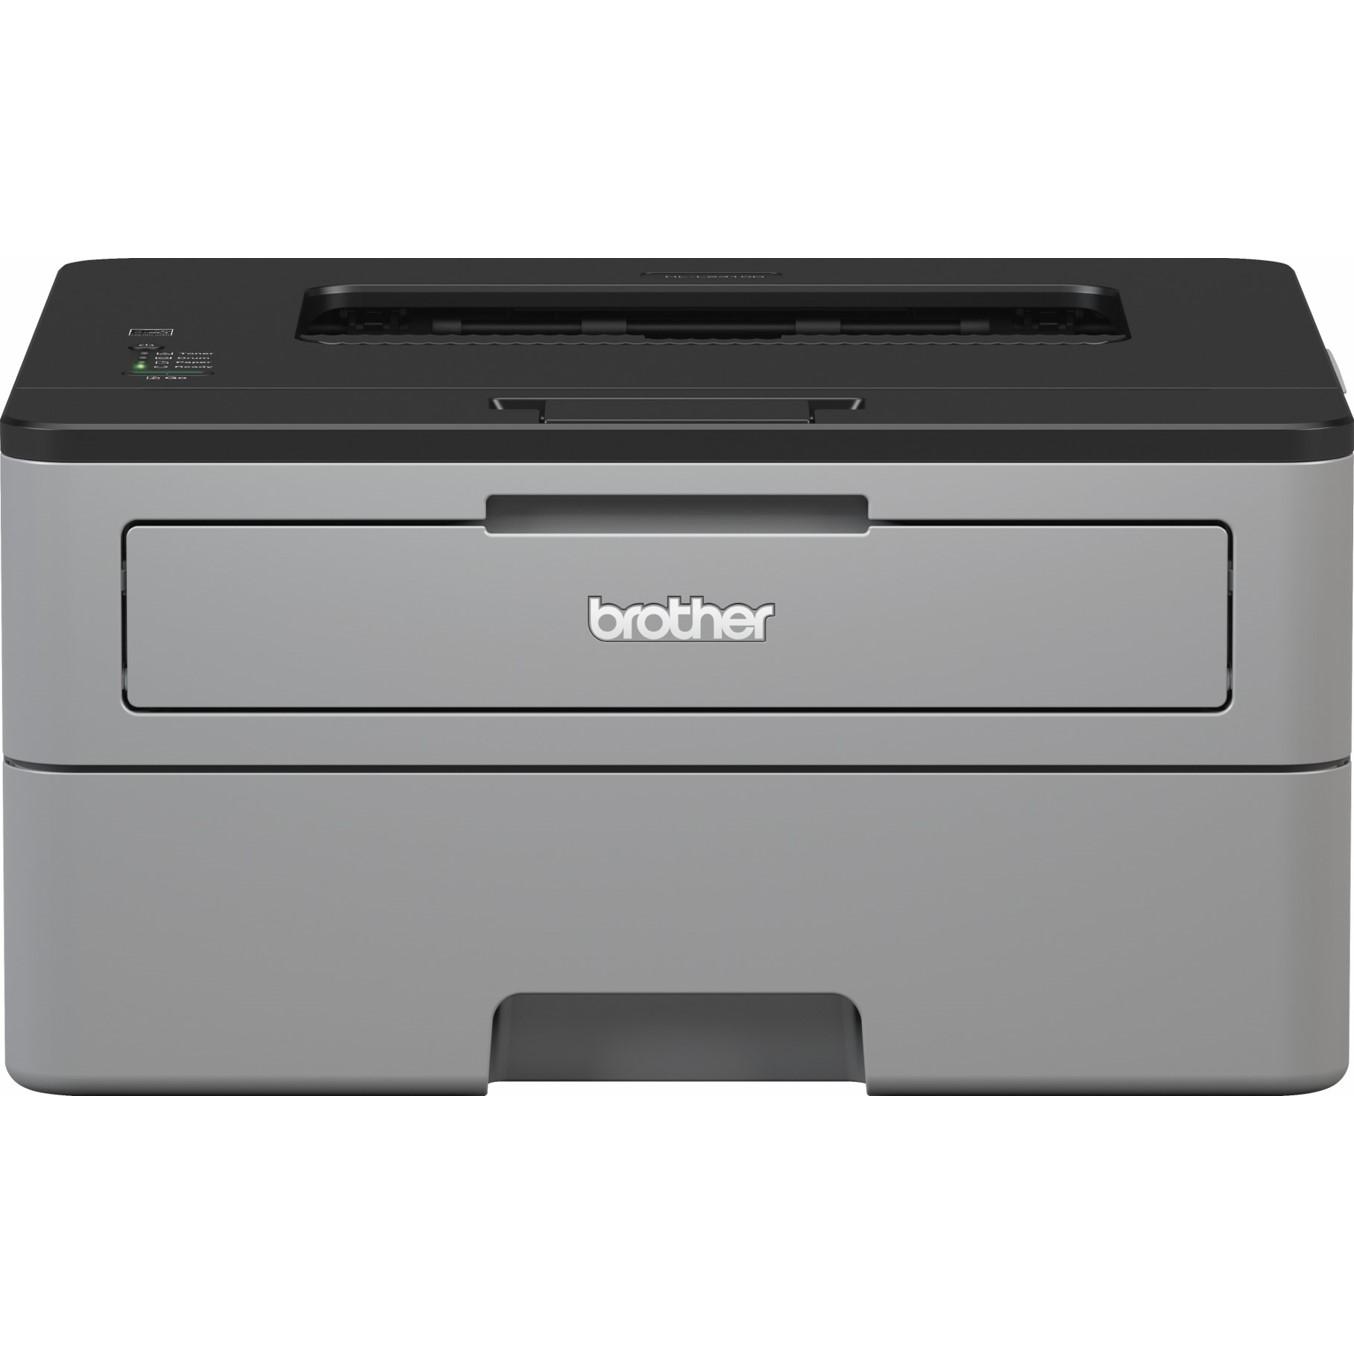 Impresora Brother Laser Monocromo Hll2310d A4 Hll2310d